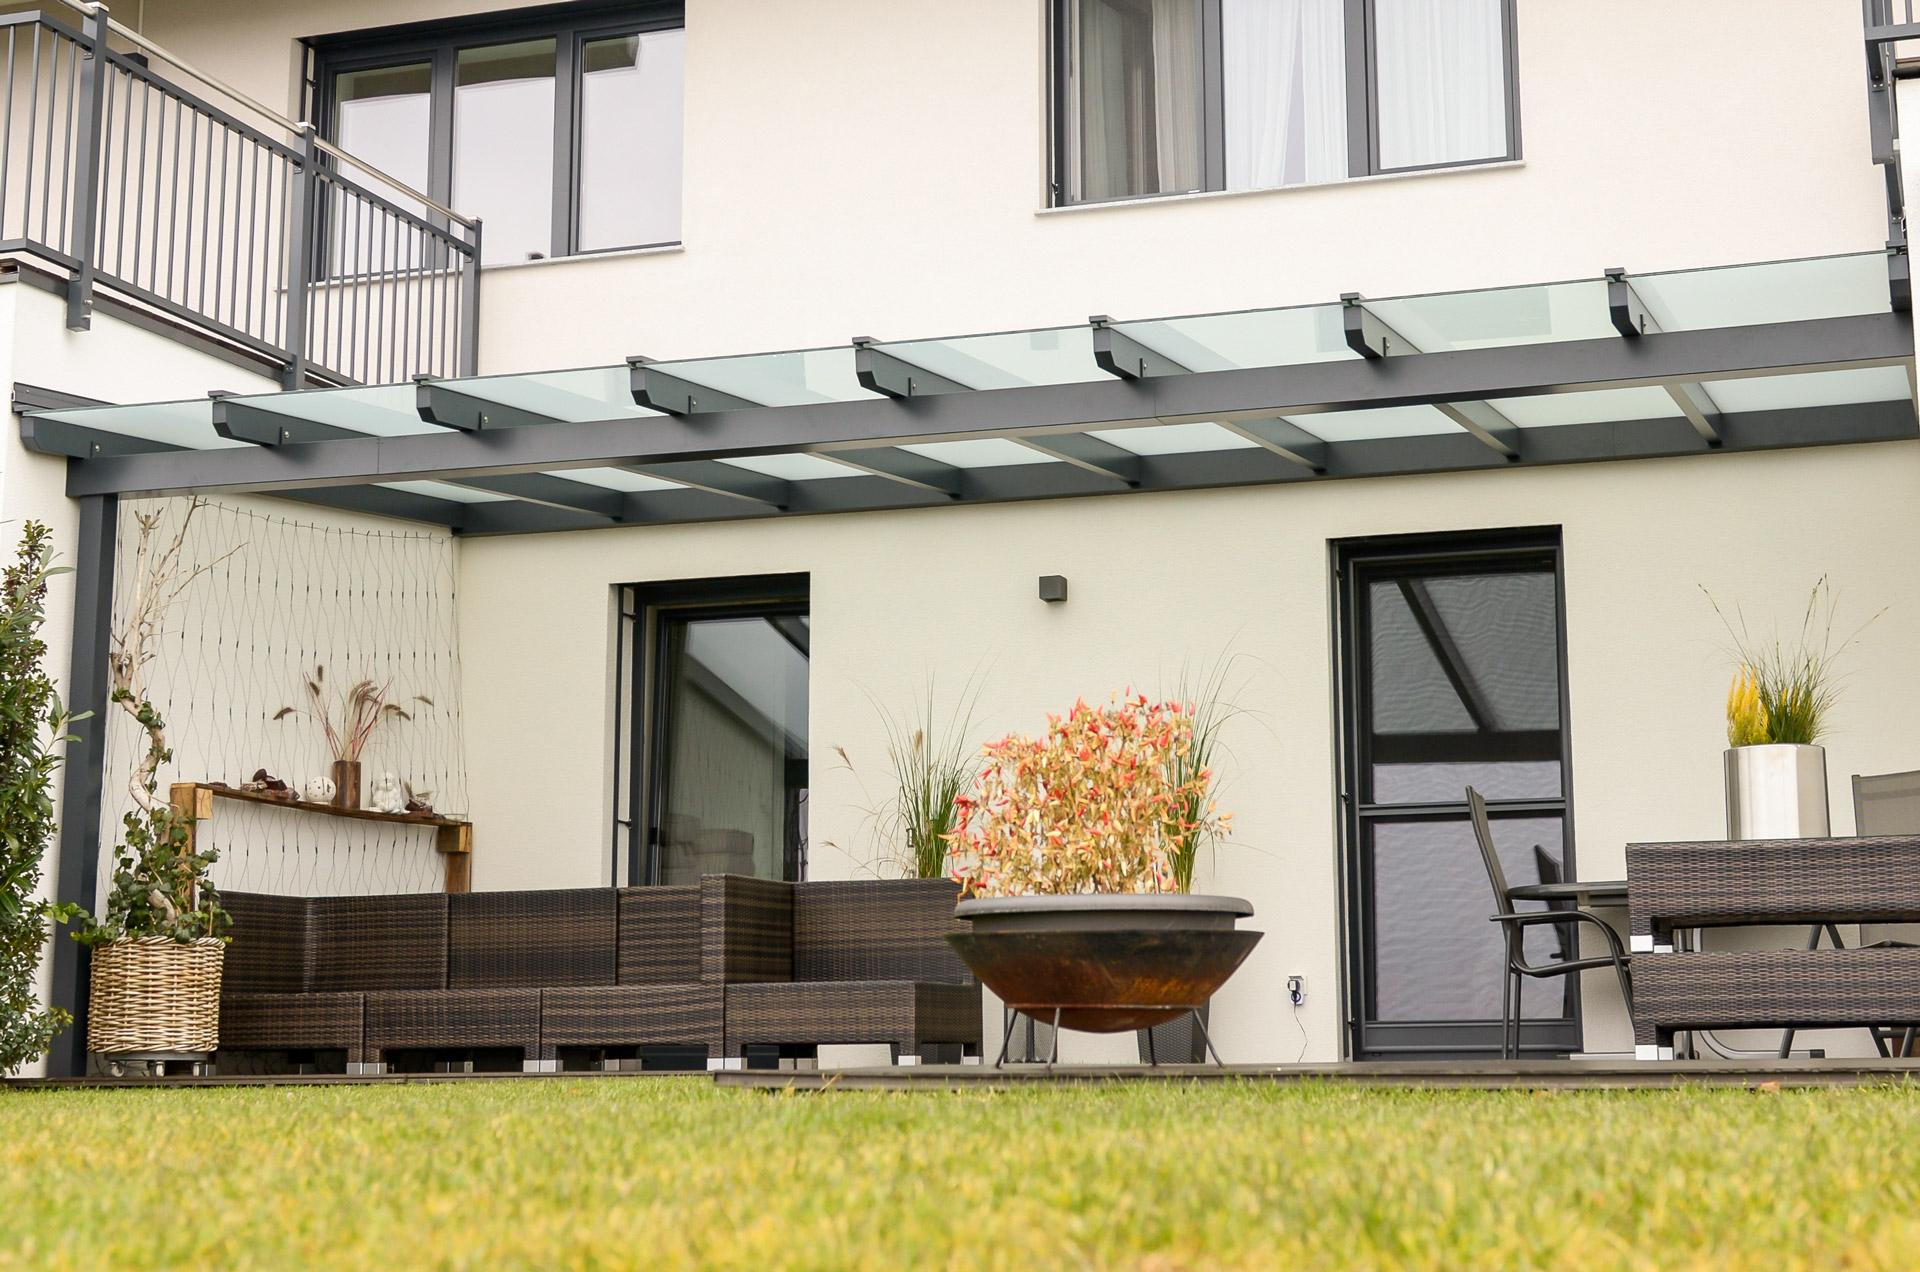 Terrassendach Alu 63 | moderne graue Alu-Glas-Überdachung, dreiseitig bei Mauer befestigt | Svoboda